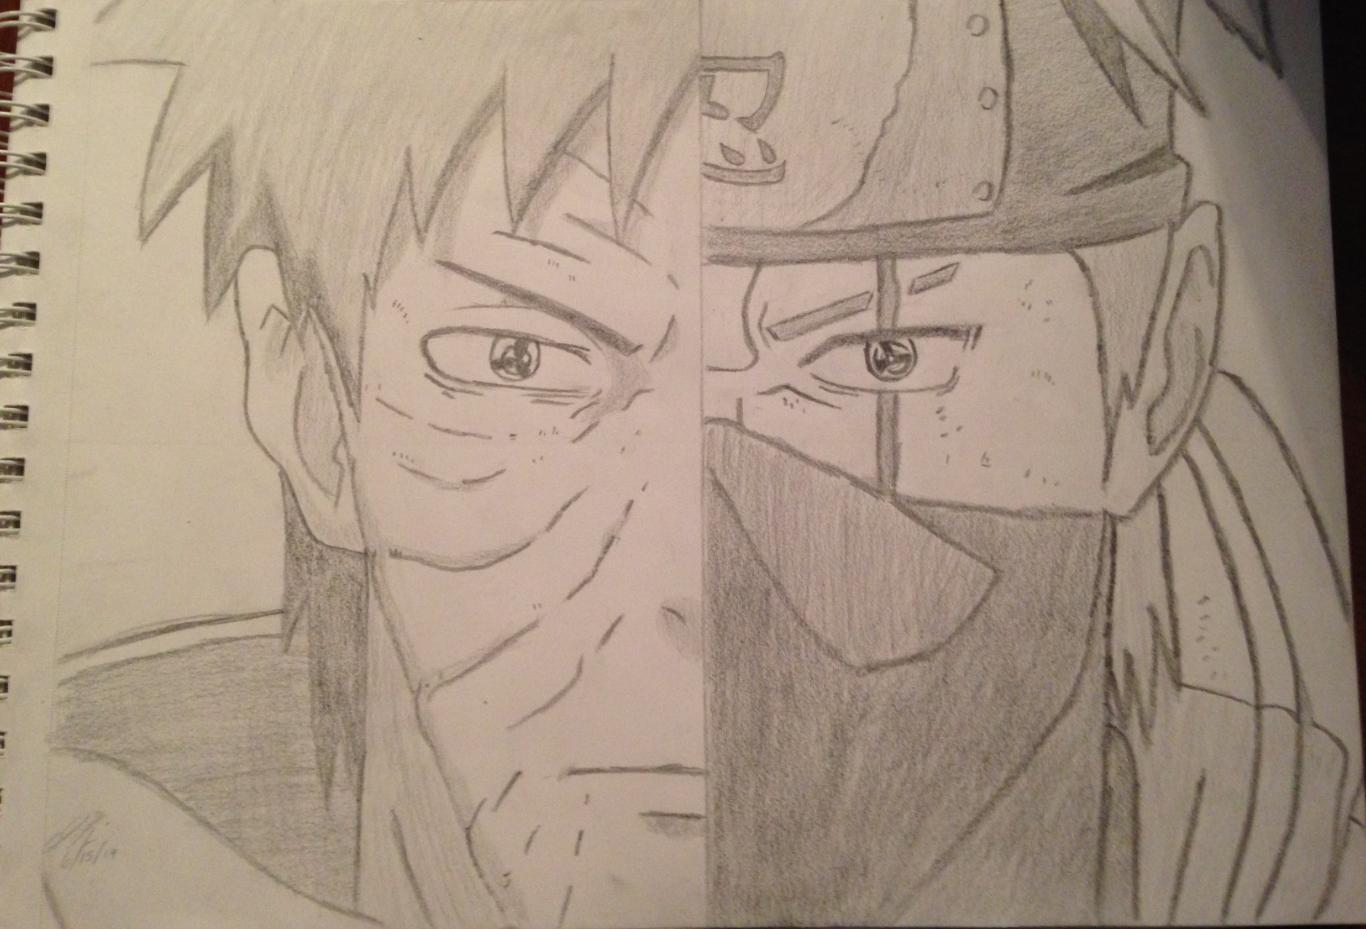 Drawn naruto obito Fan drawing drawing My Naruto